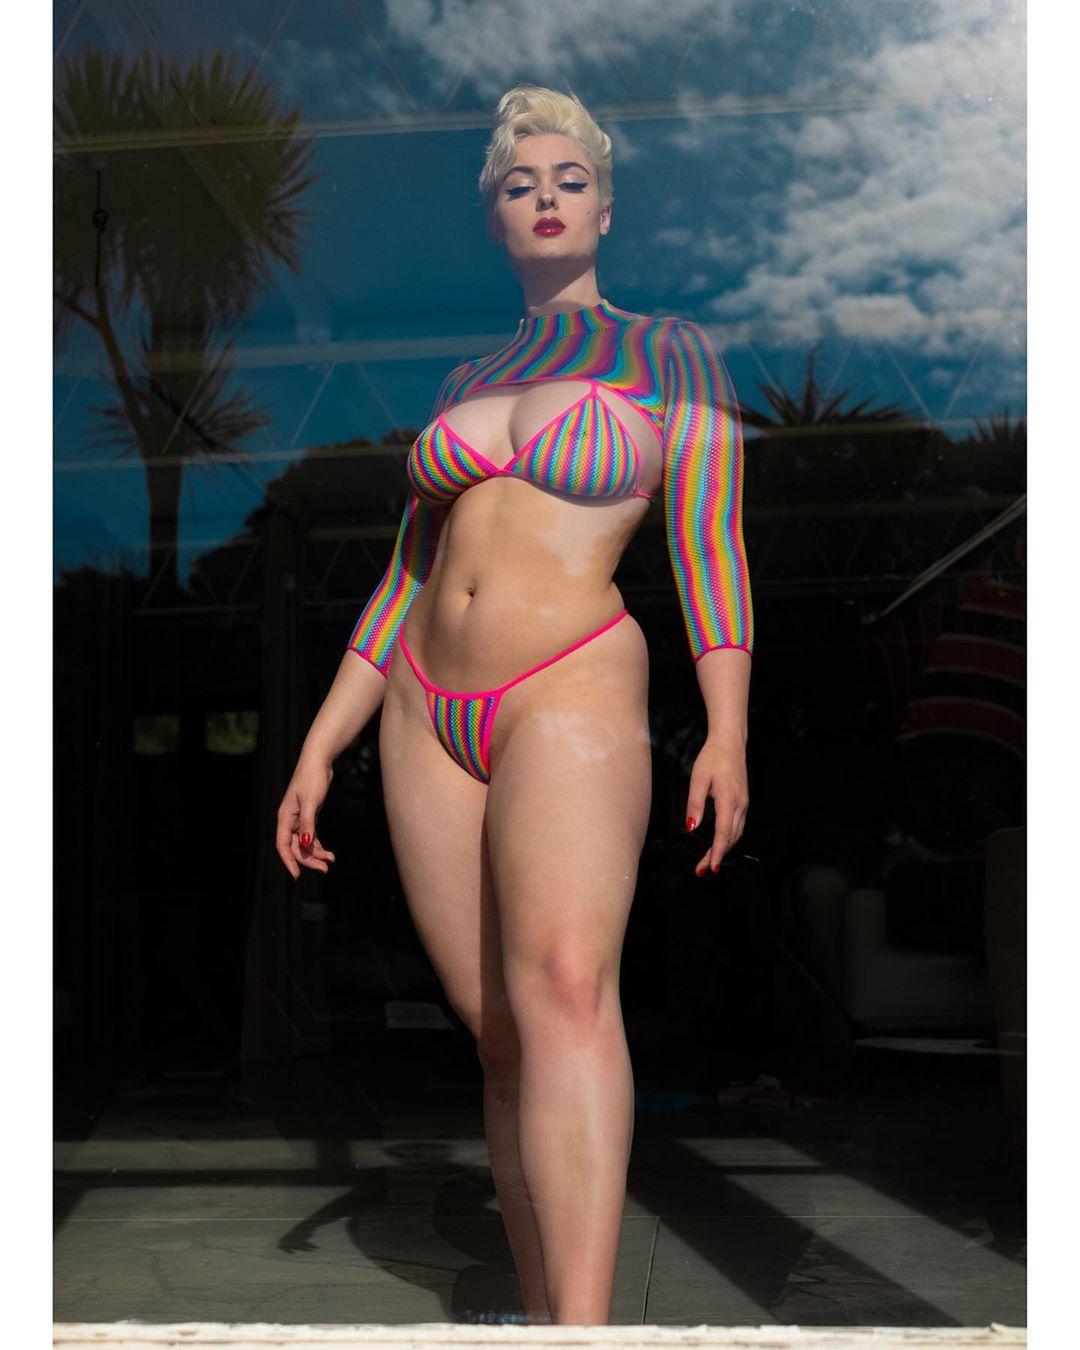 stefaniya ferrario عارضة أزياء من أستراليا يعشقها جميع رجال اوروبا